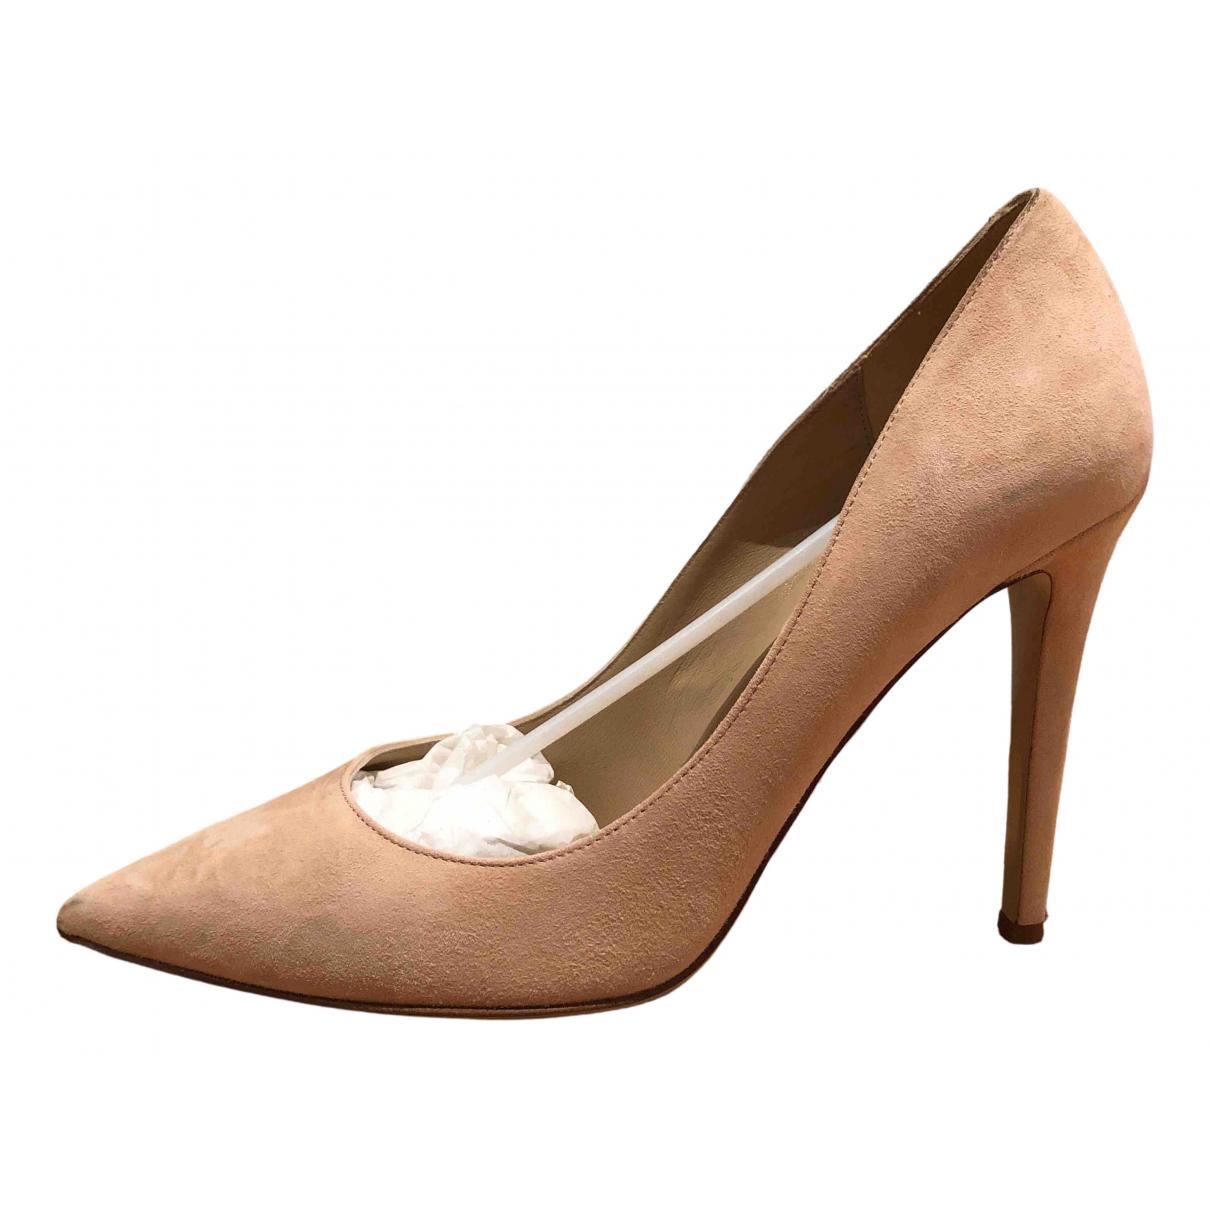 Diane Von Furstenberg \N Pink Suede Heels for Women 10 US